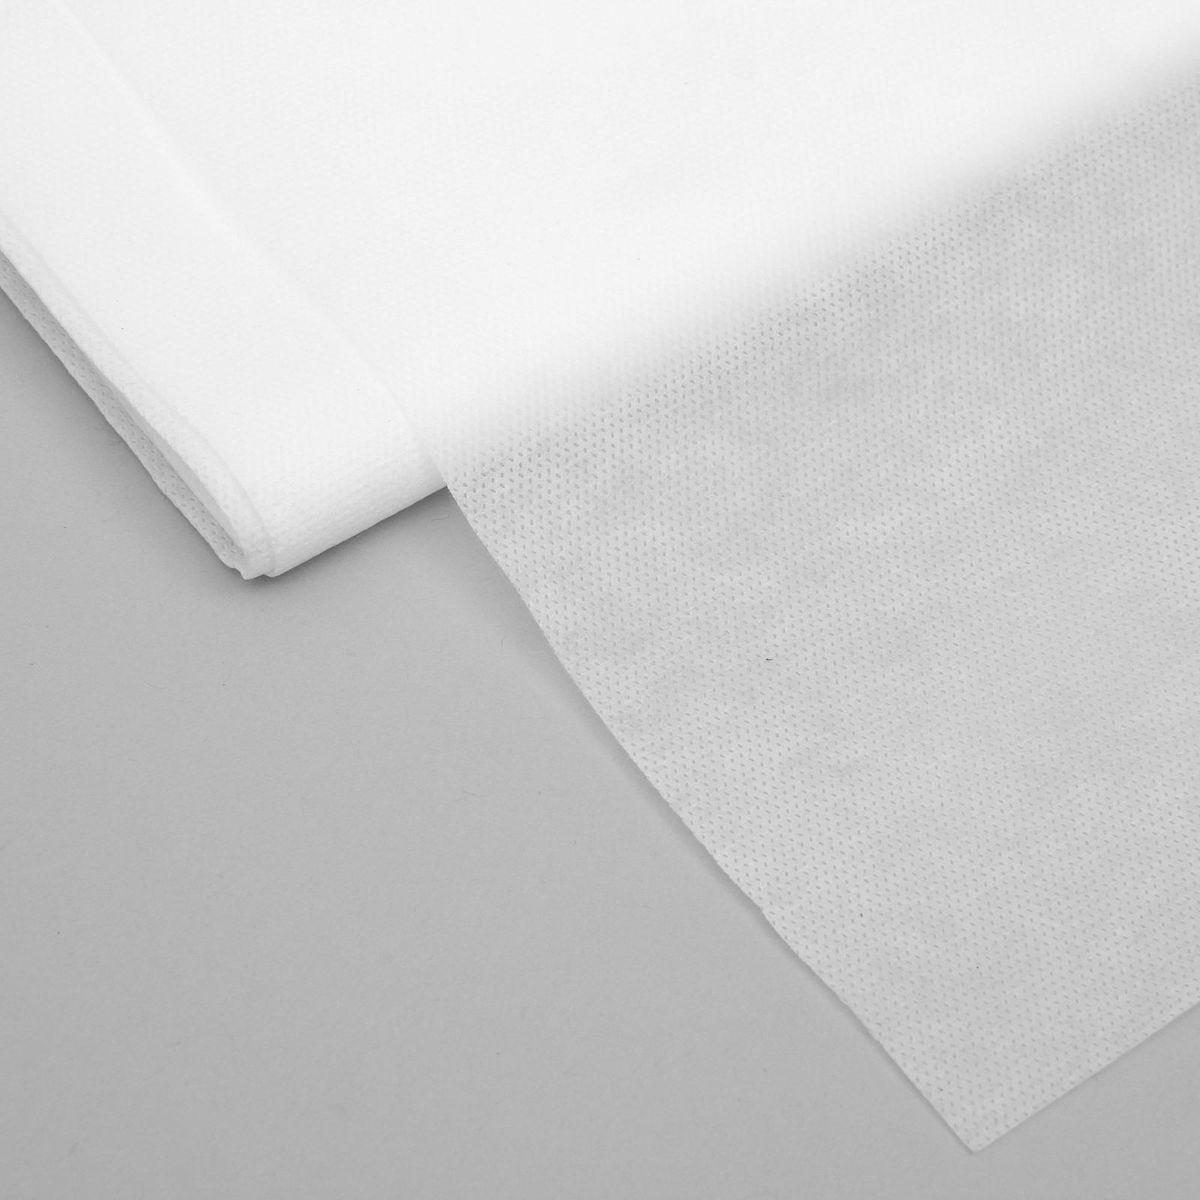 Материал укрывной Агротекс, цвет: белый, 10 х 3,2 м. 693571693571Многофункциональность, надежность и высокое качество - вот отличительные черты укрывного материала Агротекс. Укрывной материал можно использовать на грядках. Благодаря специально разработанной текстуре он обеспечит надежную защиту даже самых ранних побегов от: -заморозков; -солнечных ожогов; -холодной росы; -дождей; -птиц и грызунов. Материал создает мягкий, комфортный микроклимат, который способствует росту и развитию рассады. Благодаря новейшим разработкам укрывной материал удерживает влагу, и растения реже нуждаются в поливе. Ближе к зиме опытные садоводы укутывают им стволы деревьев, теплицы и грядки, чтобы исключить промерзание земли и корневой системы. Материал Агротекс поможет вам ускорить процесс созревания растений, повысит урожайность, сэкономит средства и силы по уходу за садом.